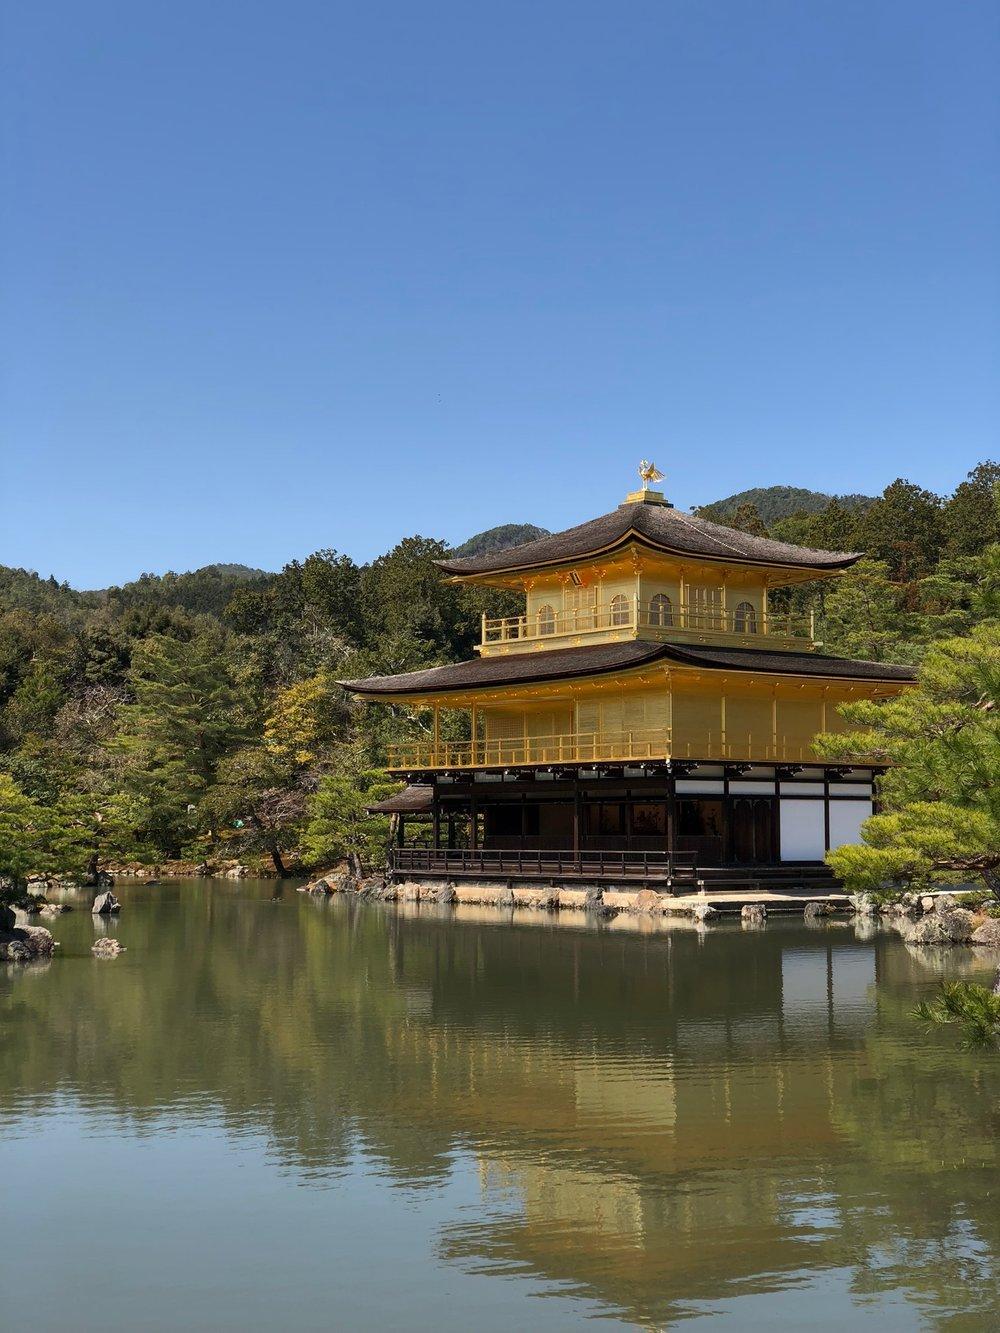 Kinkaku-ji in all its golden glory.